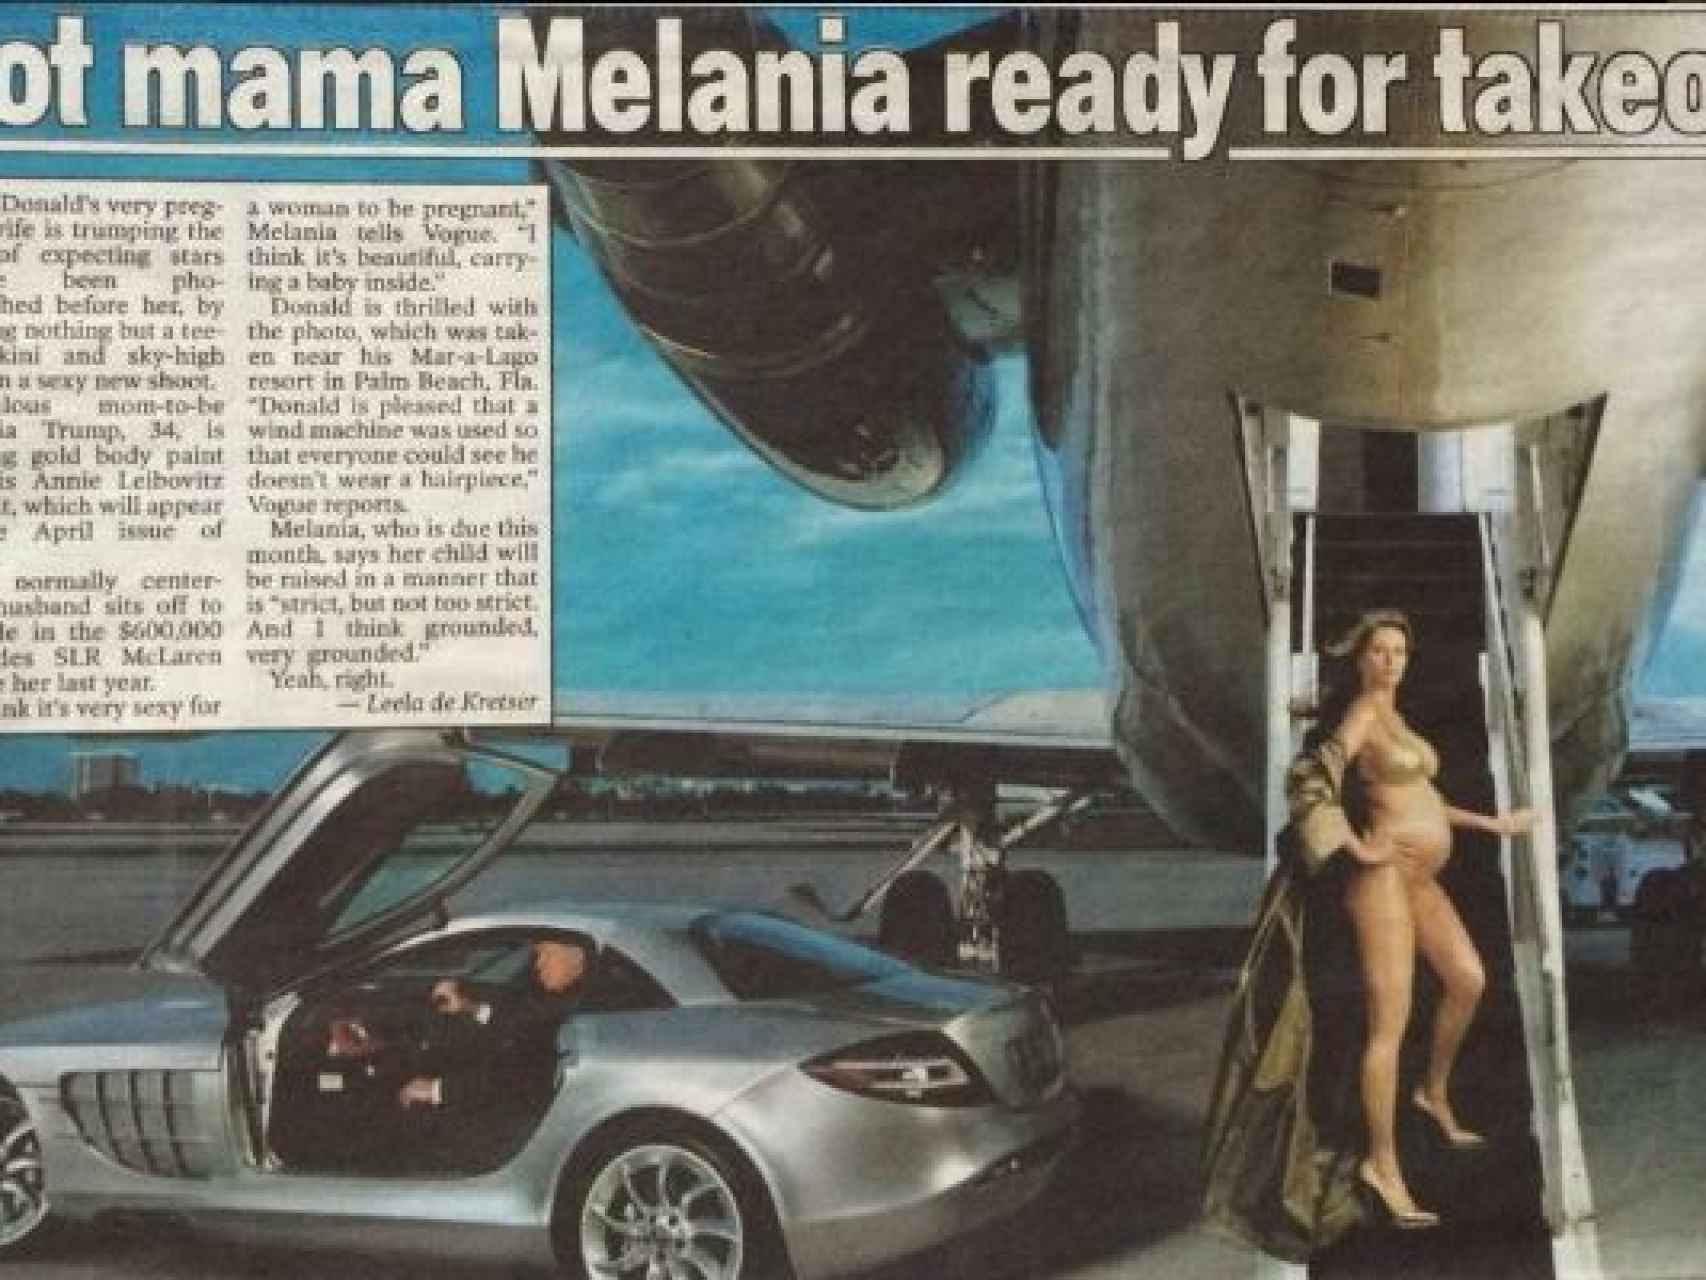 Melania luce embarazo junto al jet y el coche de su marido.